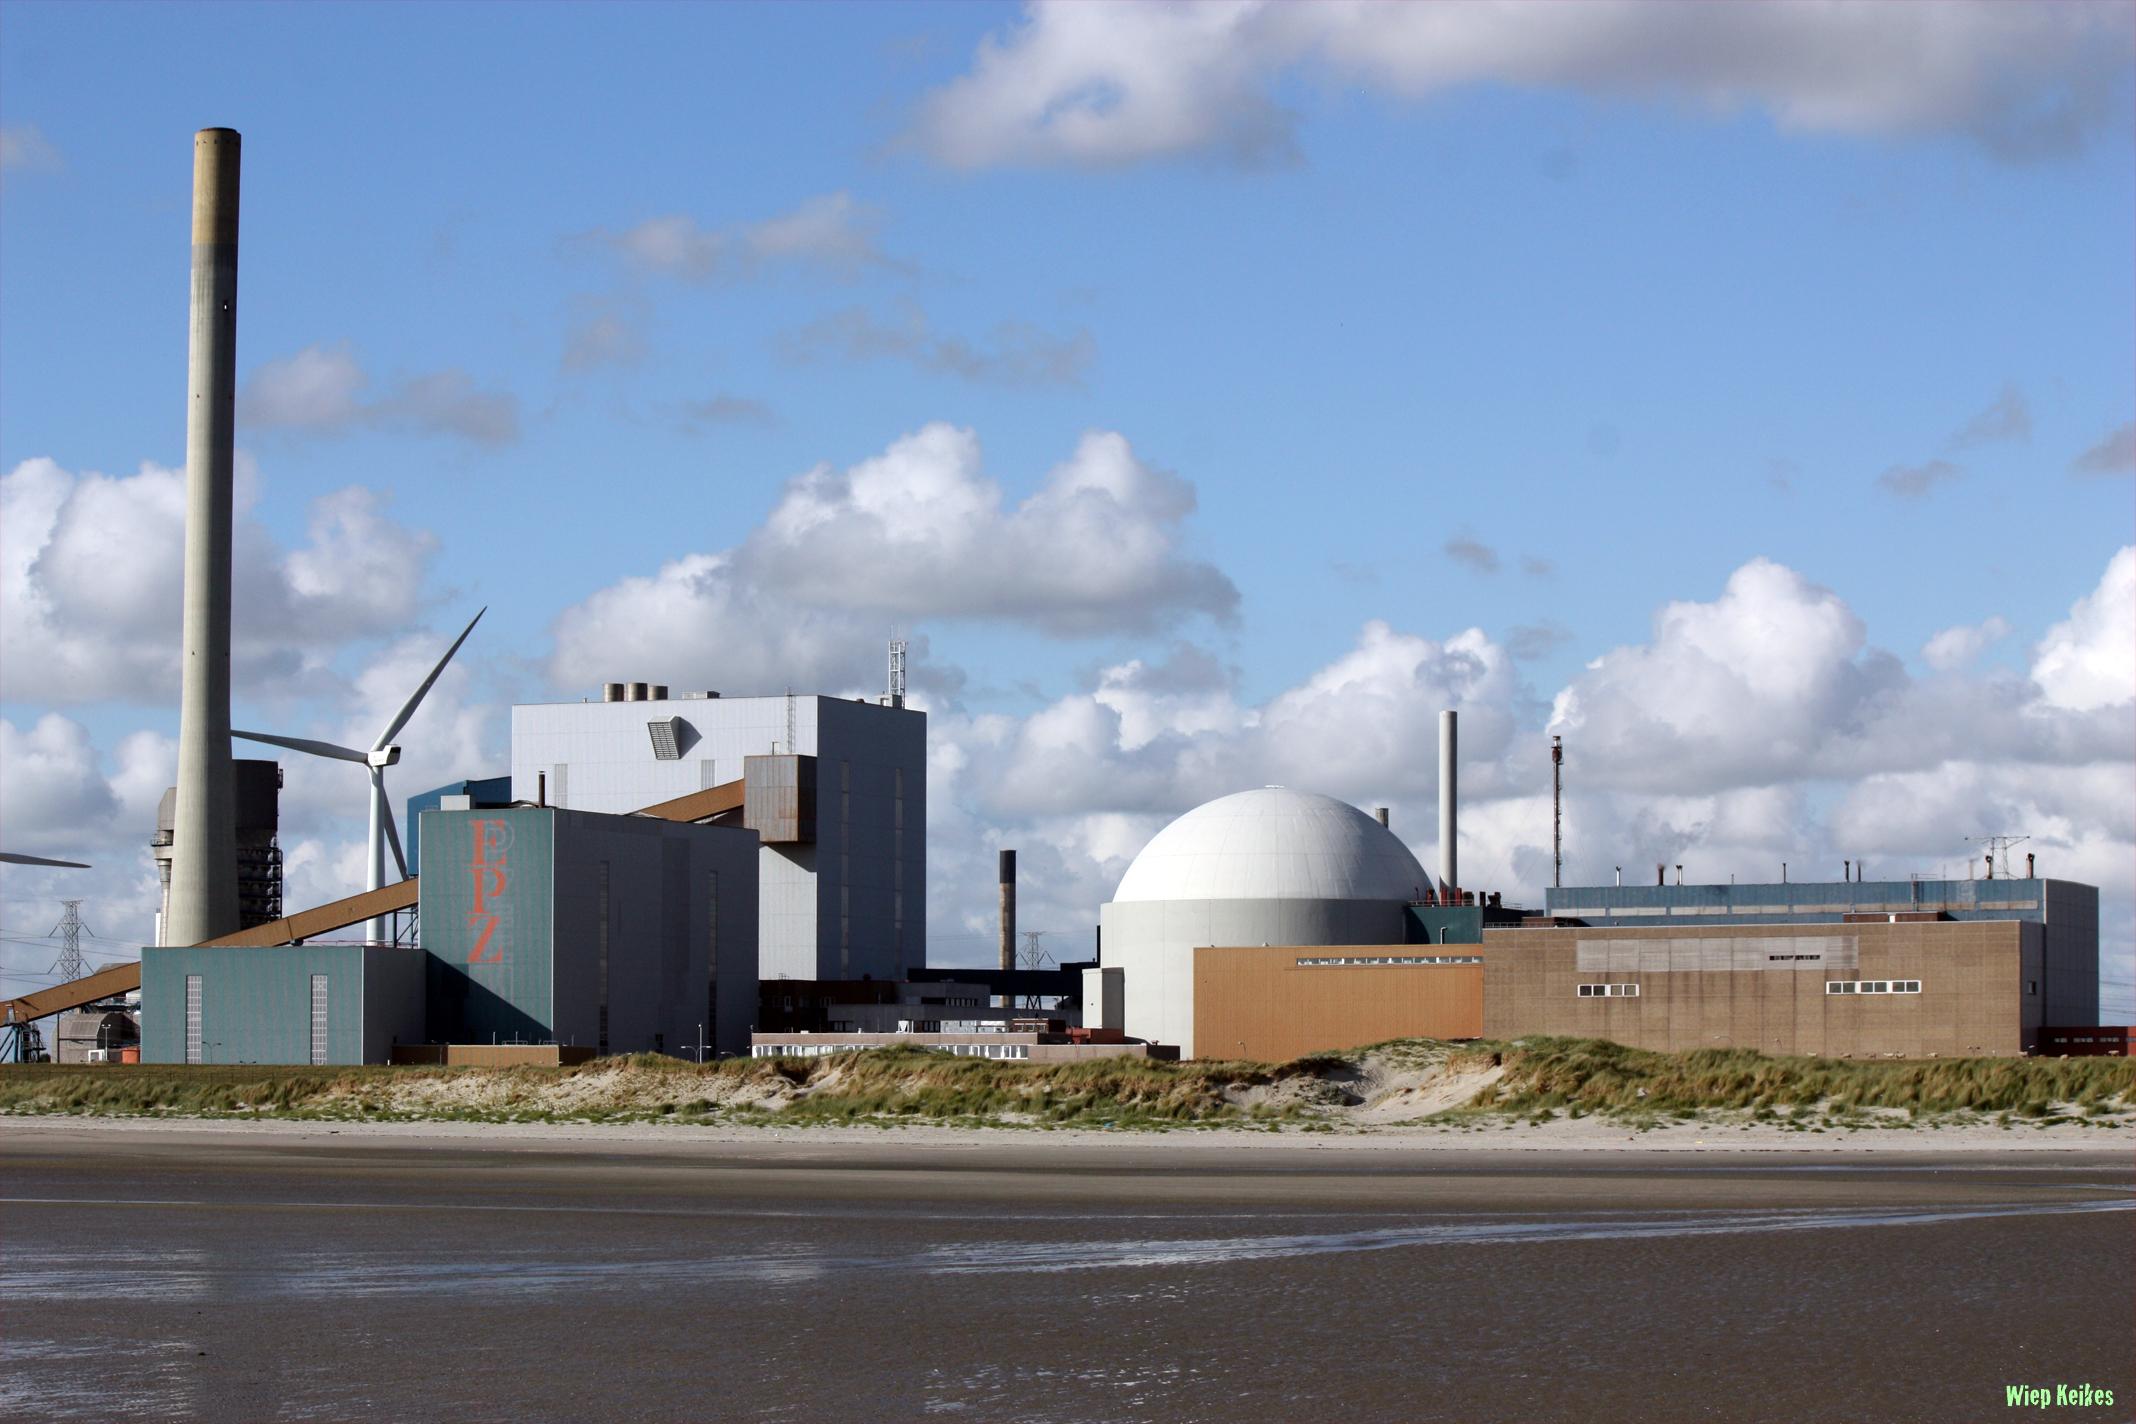 Holandské ministerstvo zastavilo práci na udělení druhé jaderné licence